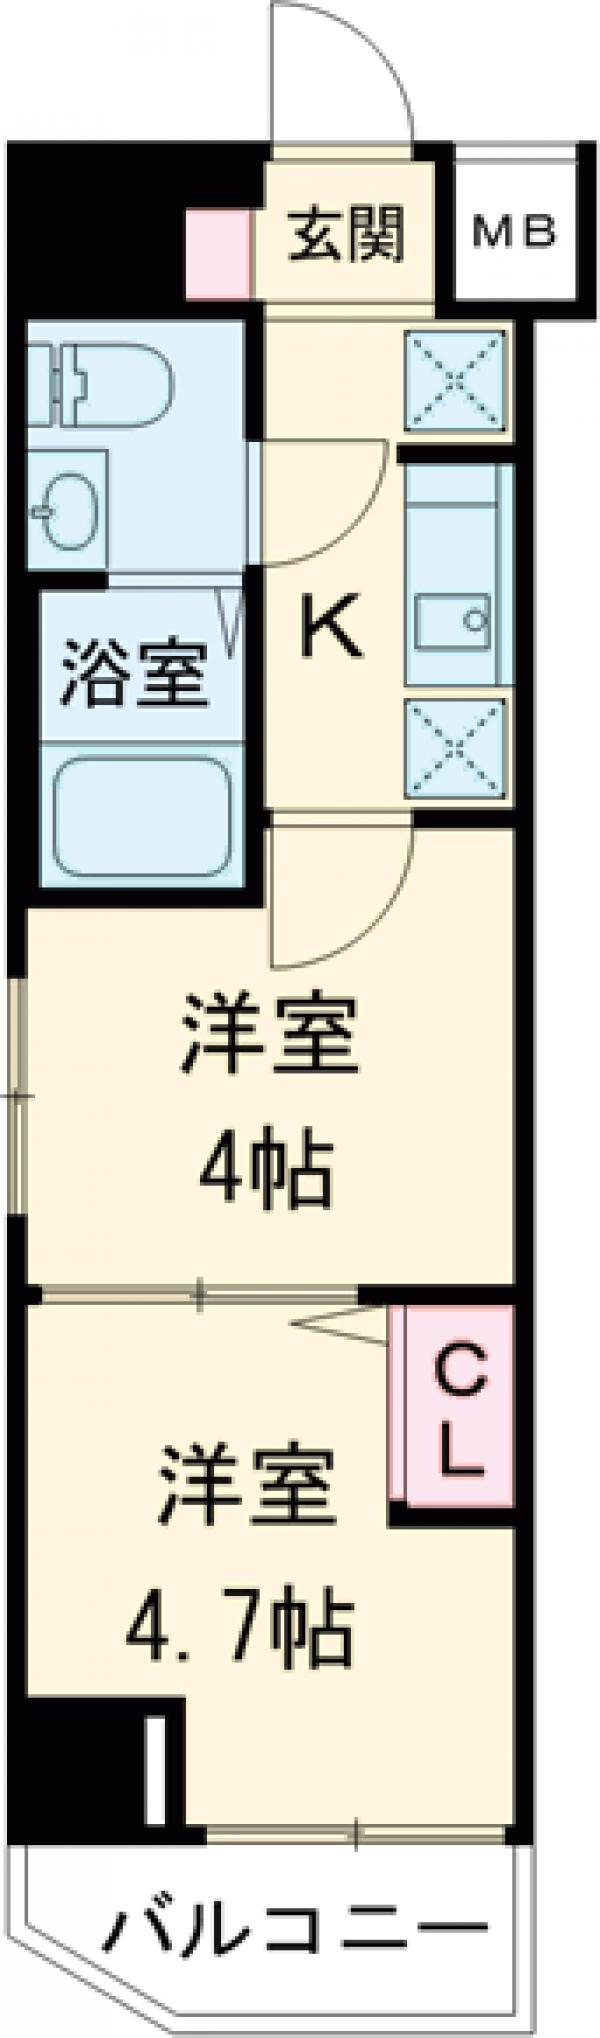 アンベリール マーロ北綾瀬Ⅱ・201号室の間取り